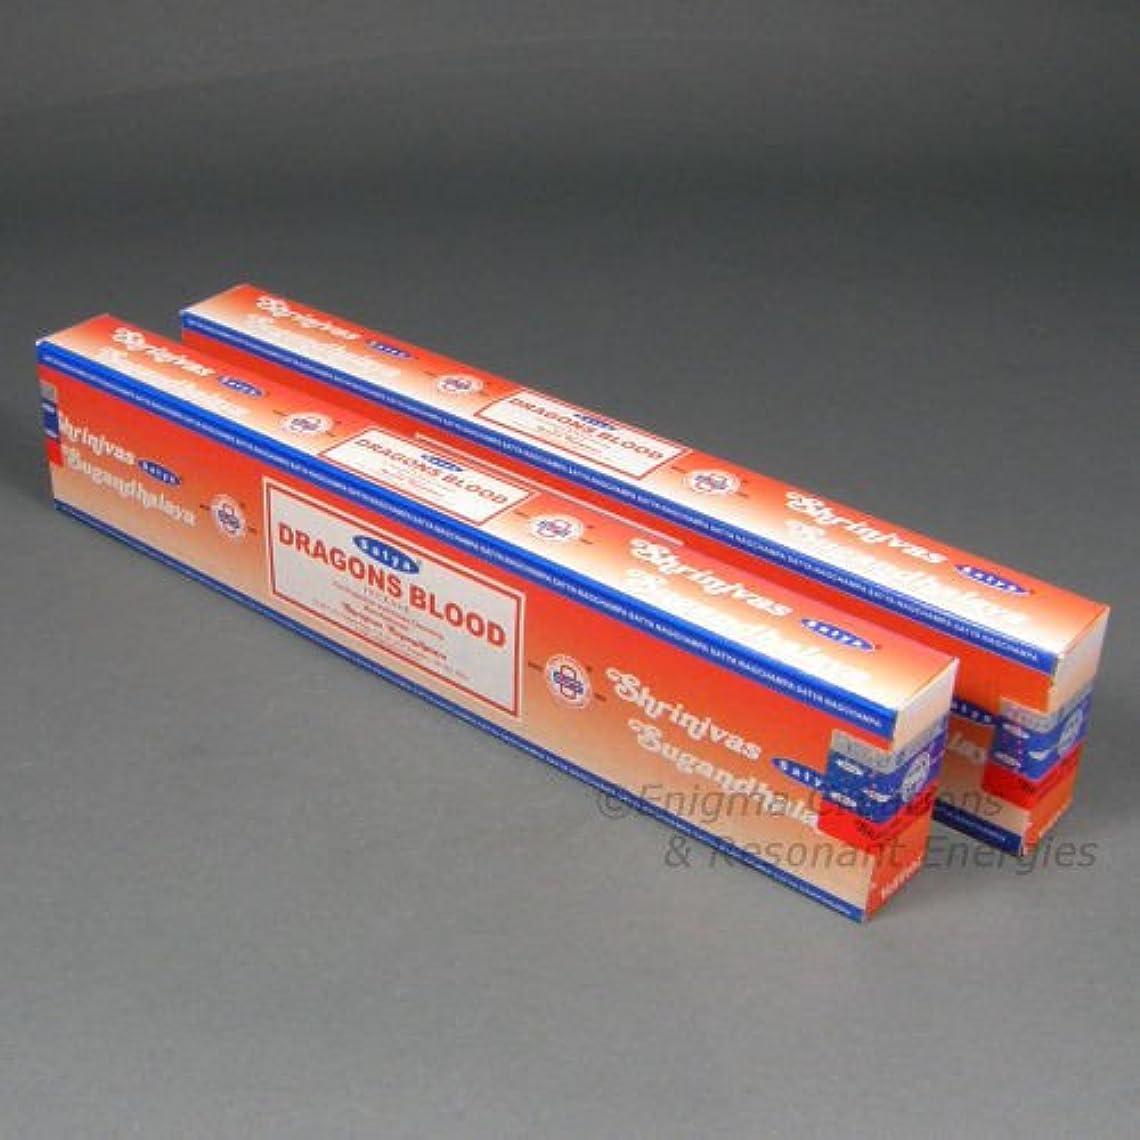 モットー送料豪華なSatya Dragon 's Blood Incense Sticks, 2 x 15グラムボックス、合計30グラム – (in239 )